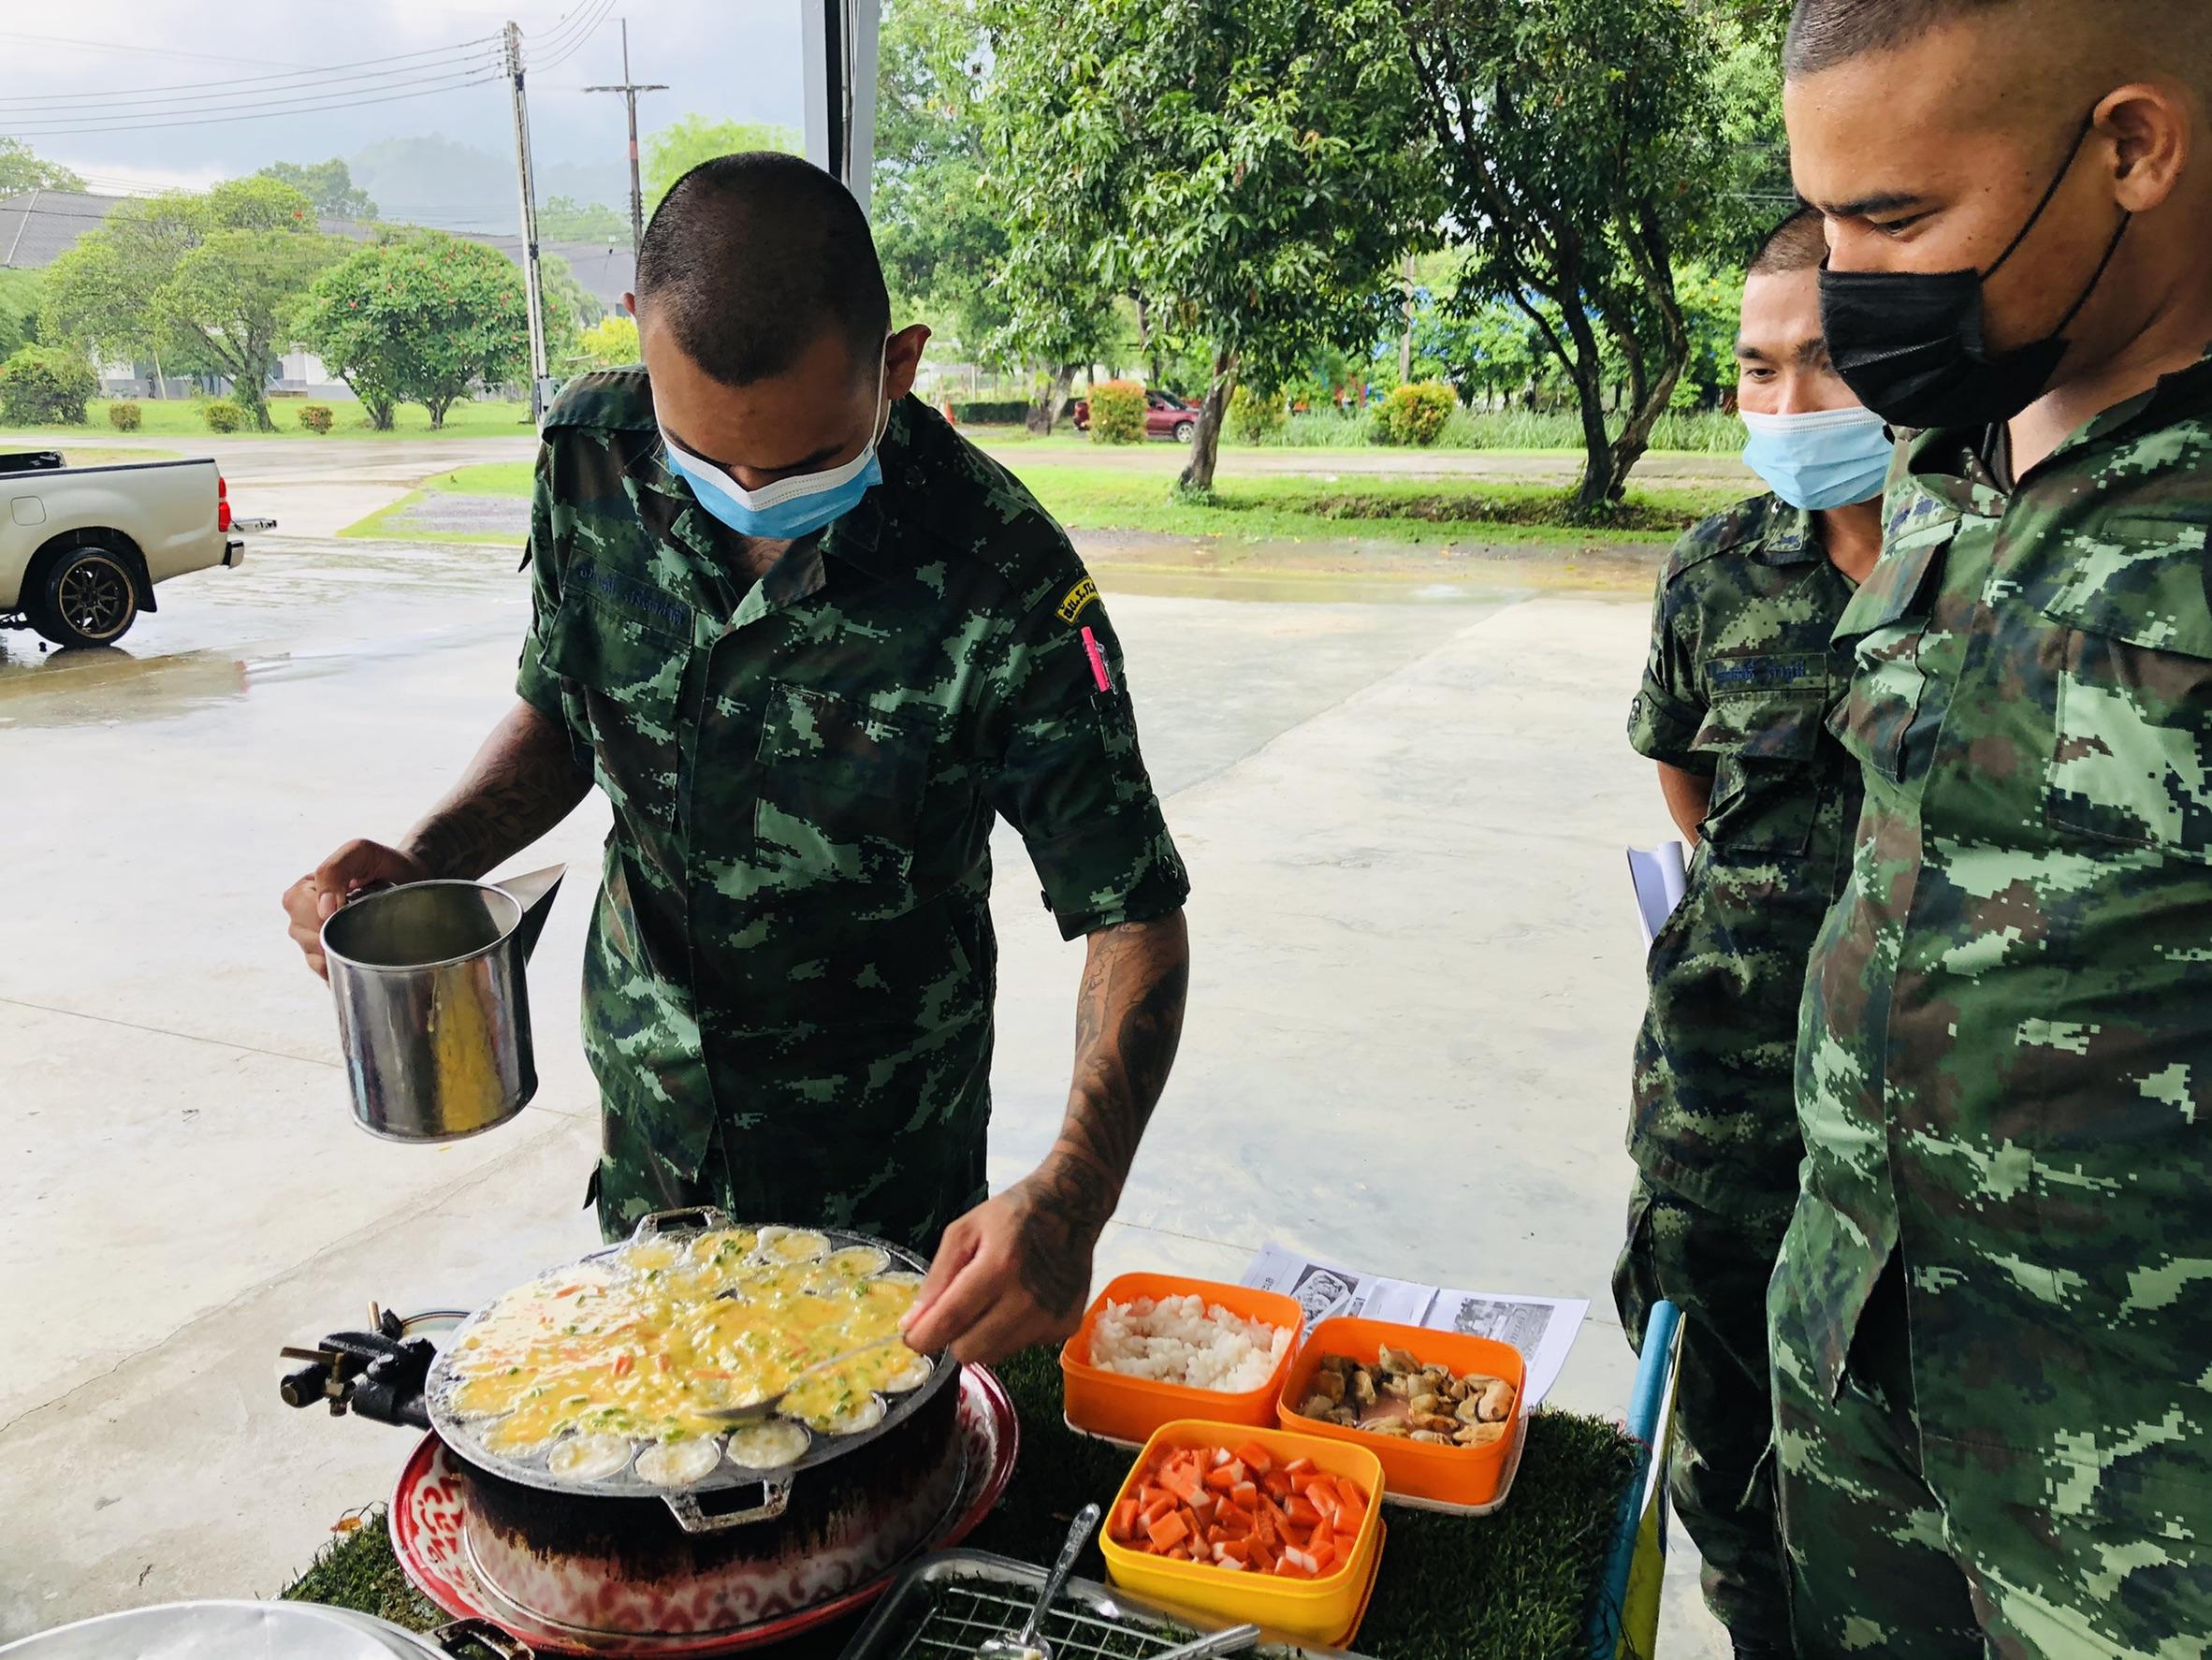 29 เม.ย.64 ดำเนินกิจกรรมส่งเสริมการมีงานทำให้ทหารกองประจำการที่จะปลดเป็นทหารกองหนุน ประจำปี 2564